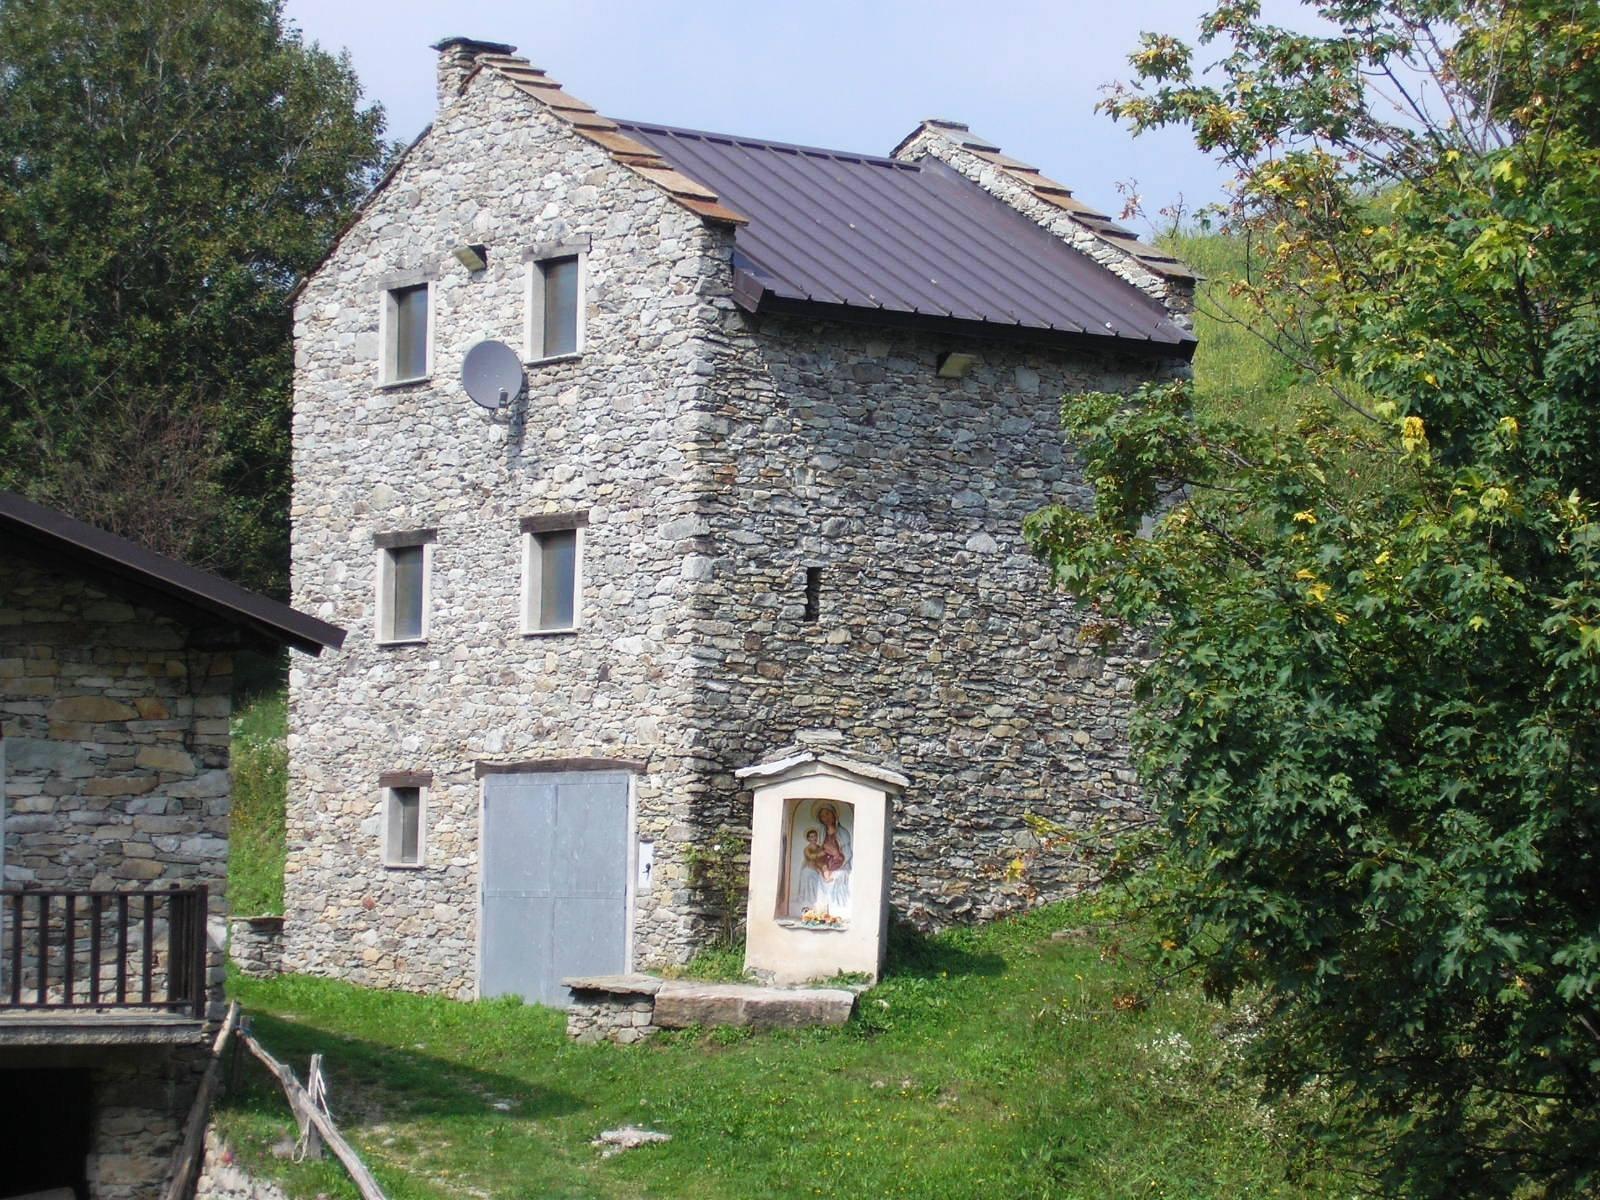 Casa con tetto racchiuso a Stalle Colletto